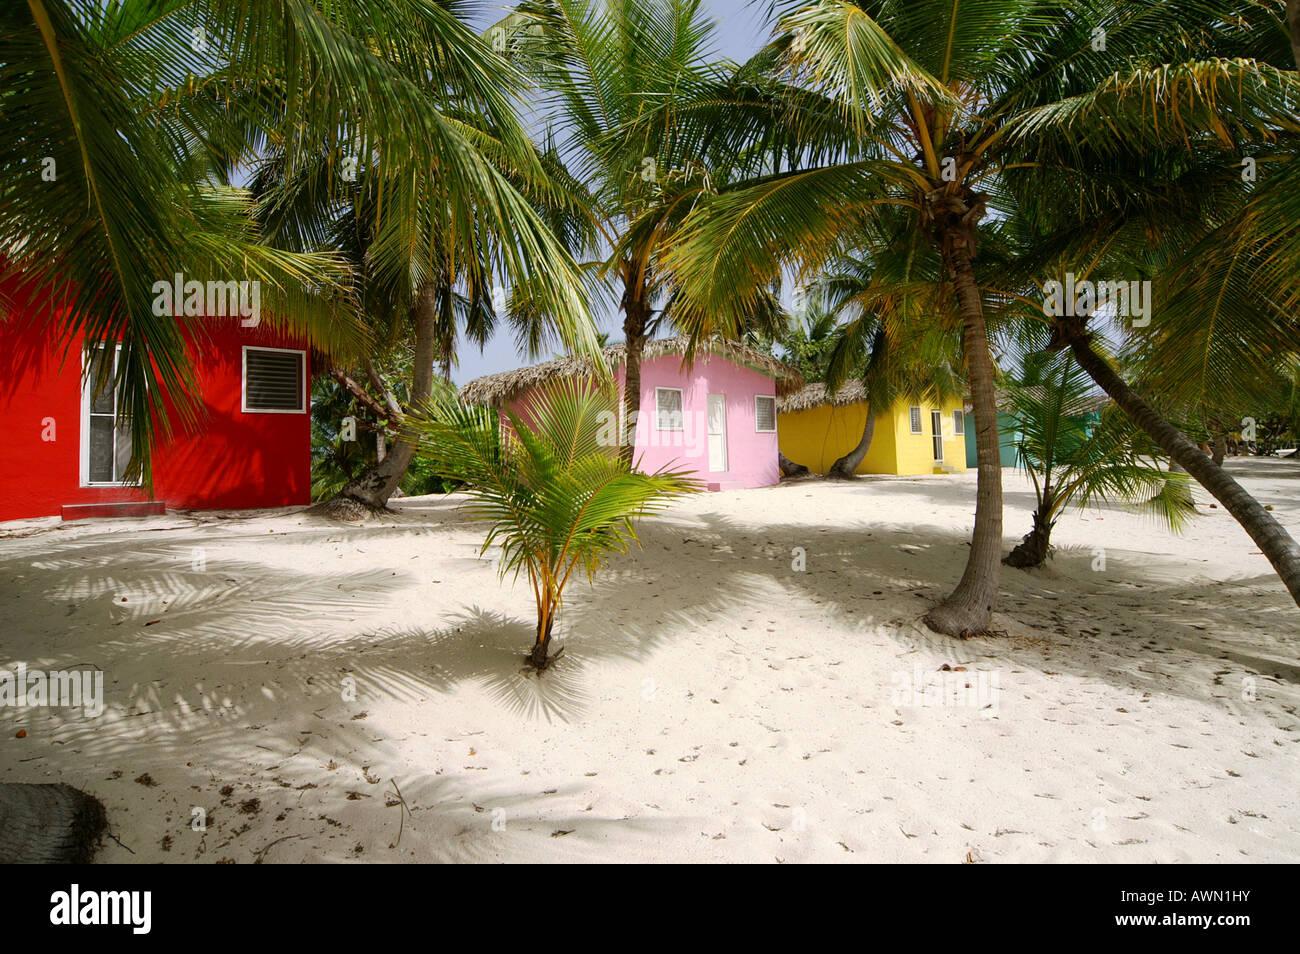 Caraibici colorati alberghi sulla spiaggia, Isola Catalina, Repubblica Dominicana, Caraibi, Americhe Immagini Stock